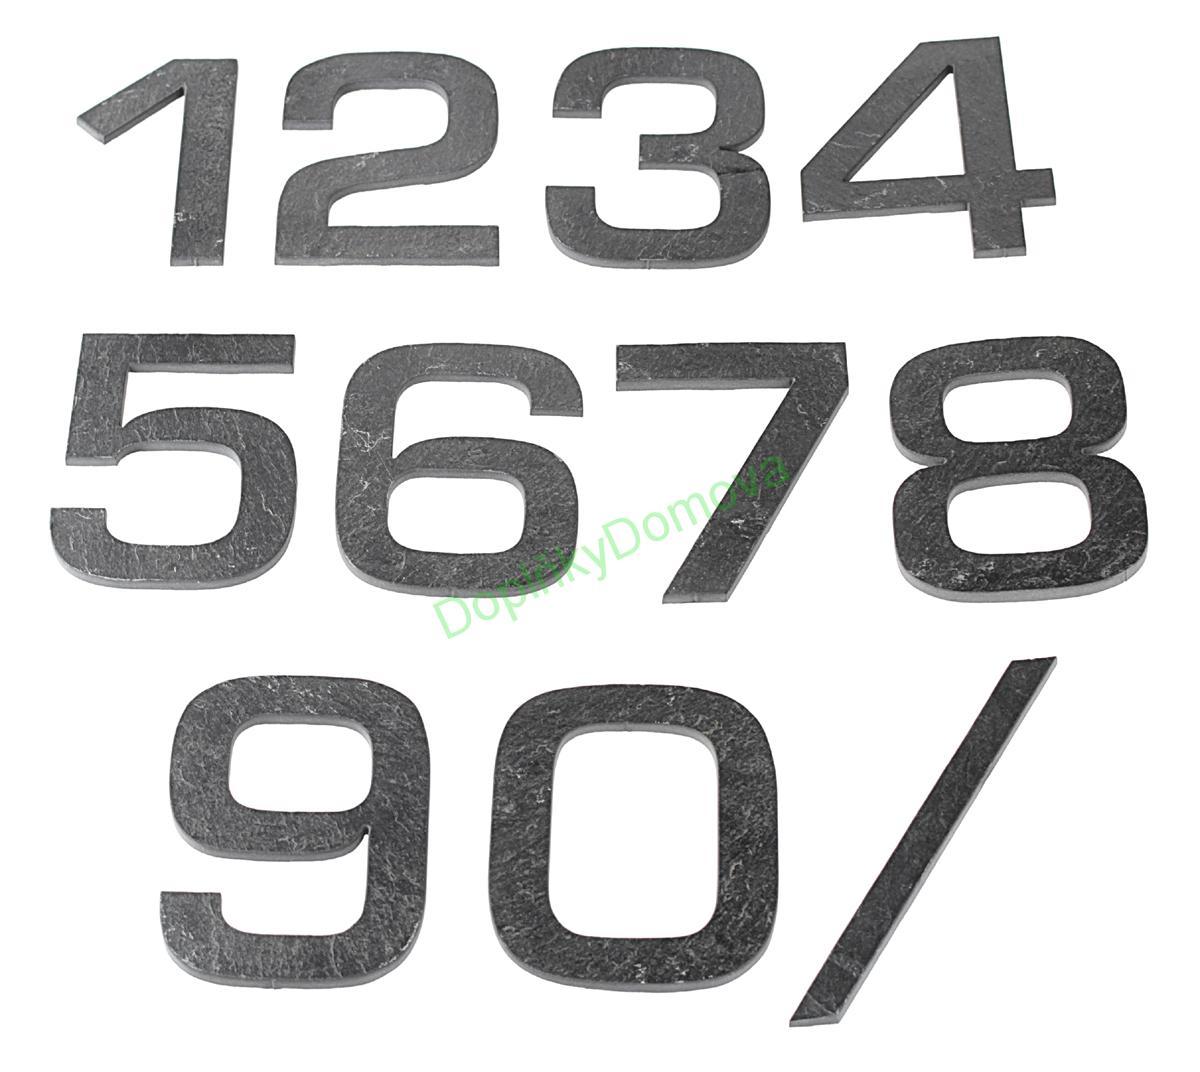 Domovní číslo popisné Břidlice EUROMODE - č. 5